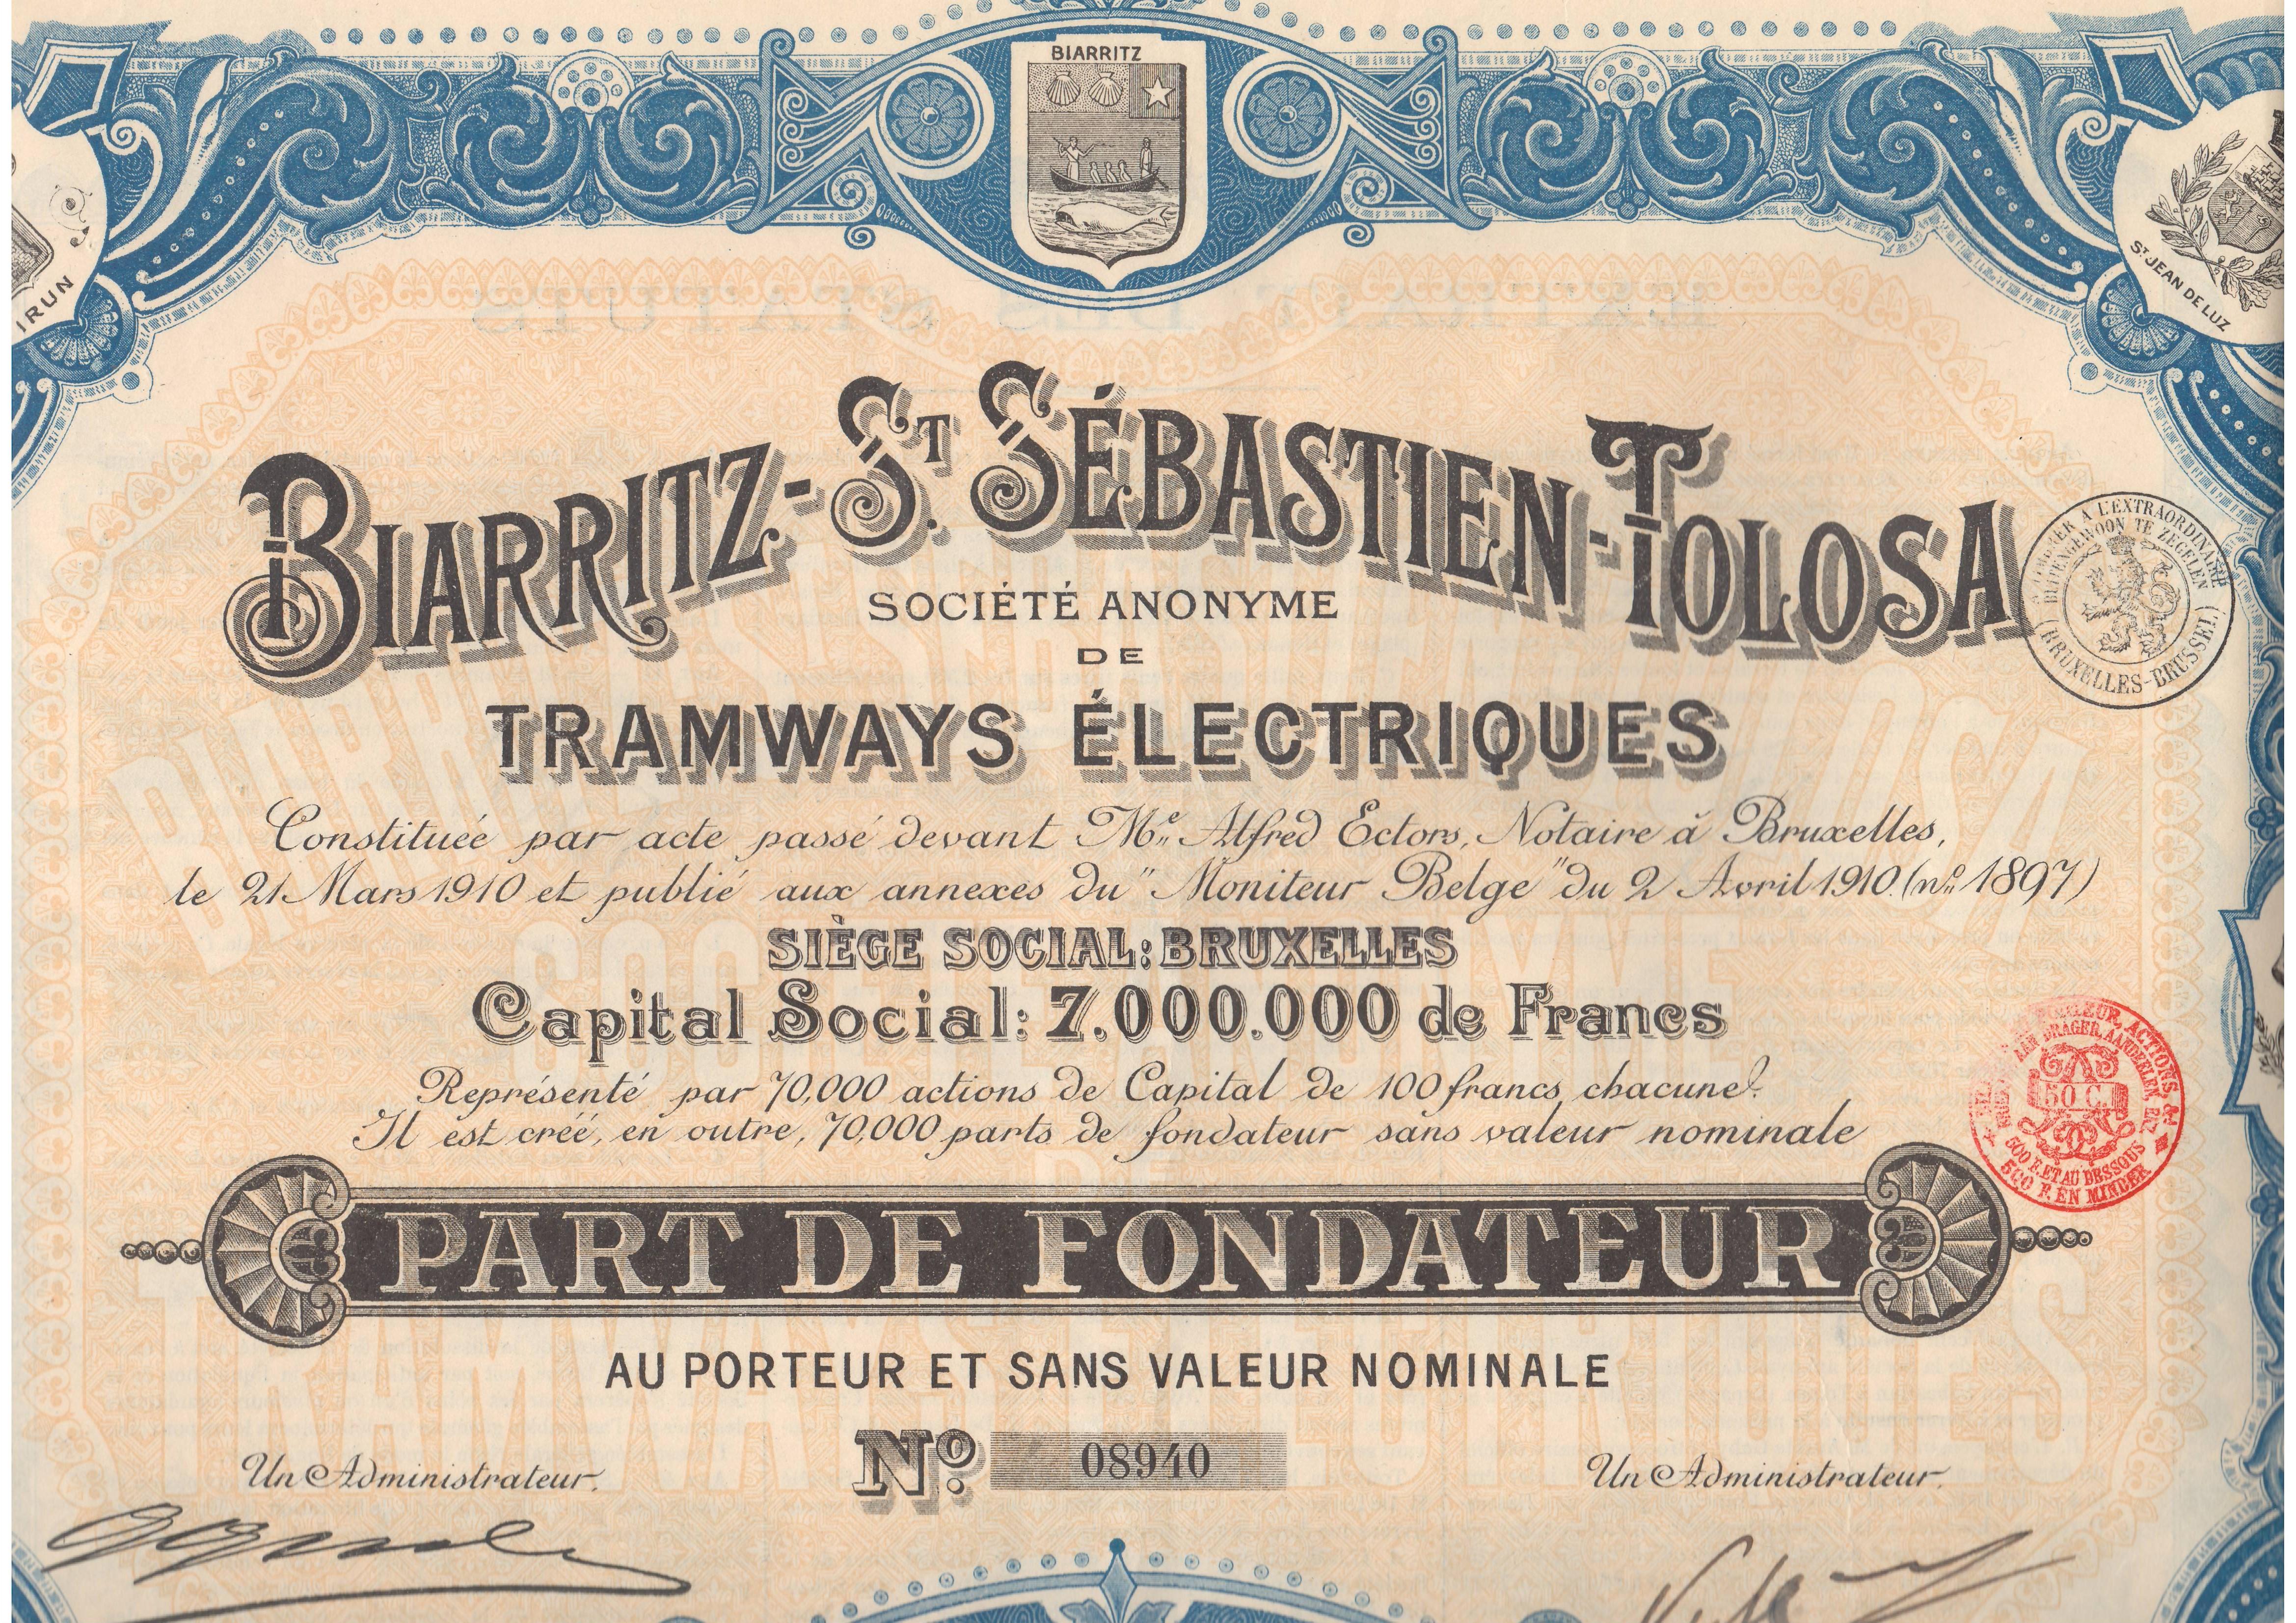 Biarritz-St. Sebastien-Tolosa Sociedad Anónima de Tranvías Eléctricos